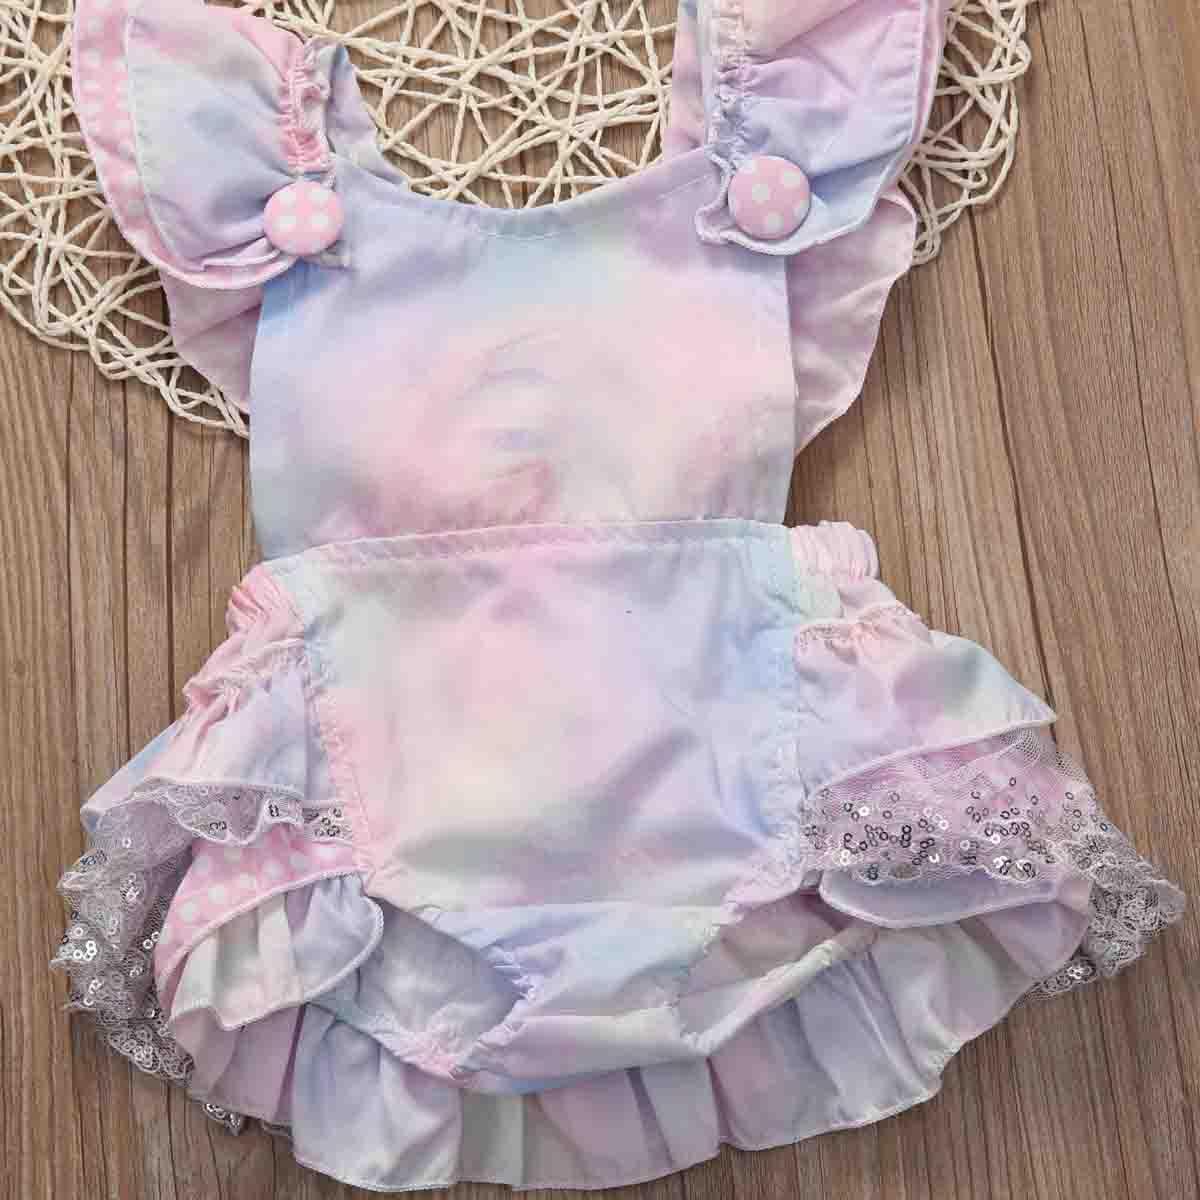 0-24M Neonato Boutique Vintage Lace Ruffle pagliaccetto principessa pagliaccetto sveglio tuta Outfits prendisole Abbigliamento